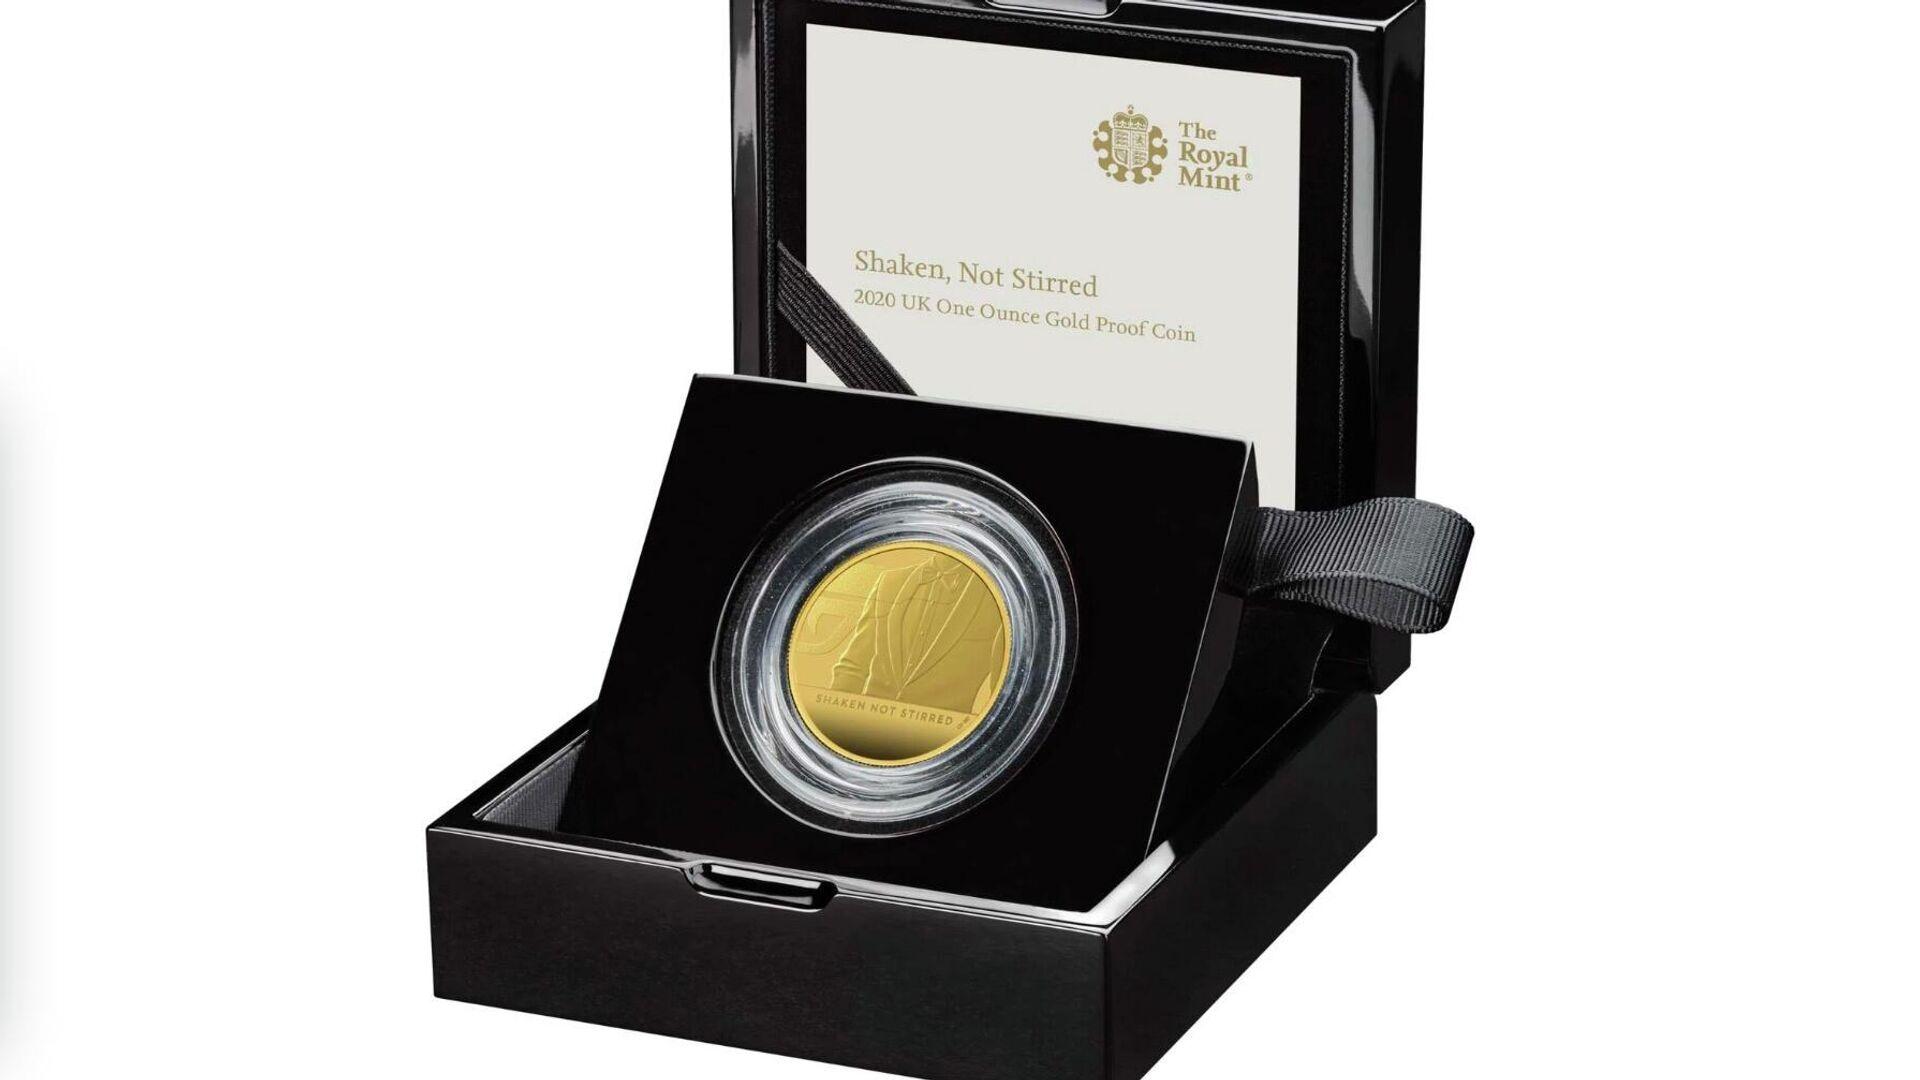 1578478274 0:289:1790:1296 1920x0 80 0 0 1518ebf242ba28a563a4236b9713968c - Британский монетный двор выпустил коллекционную монету в честь агента 007